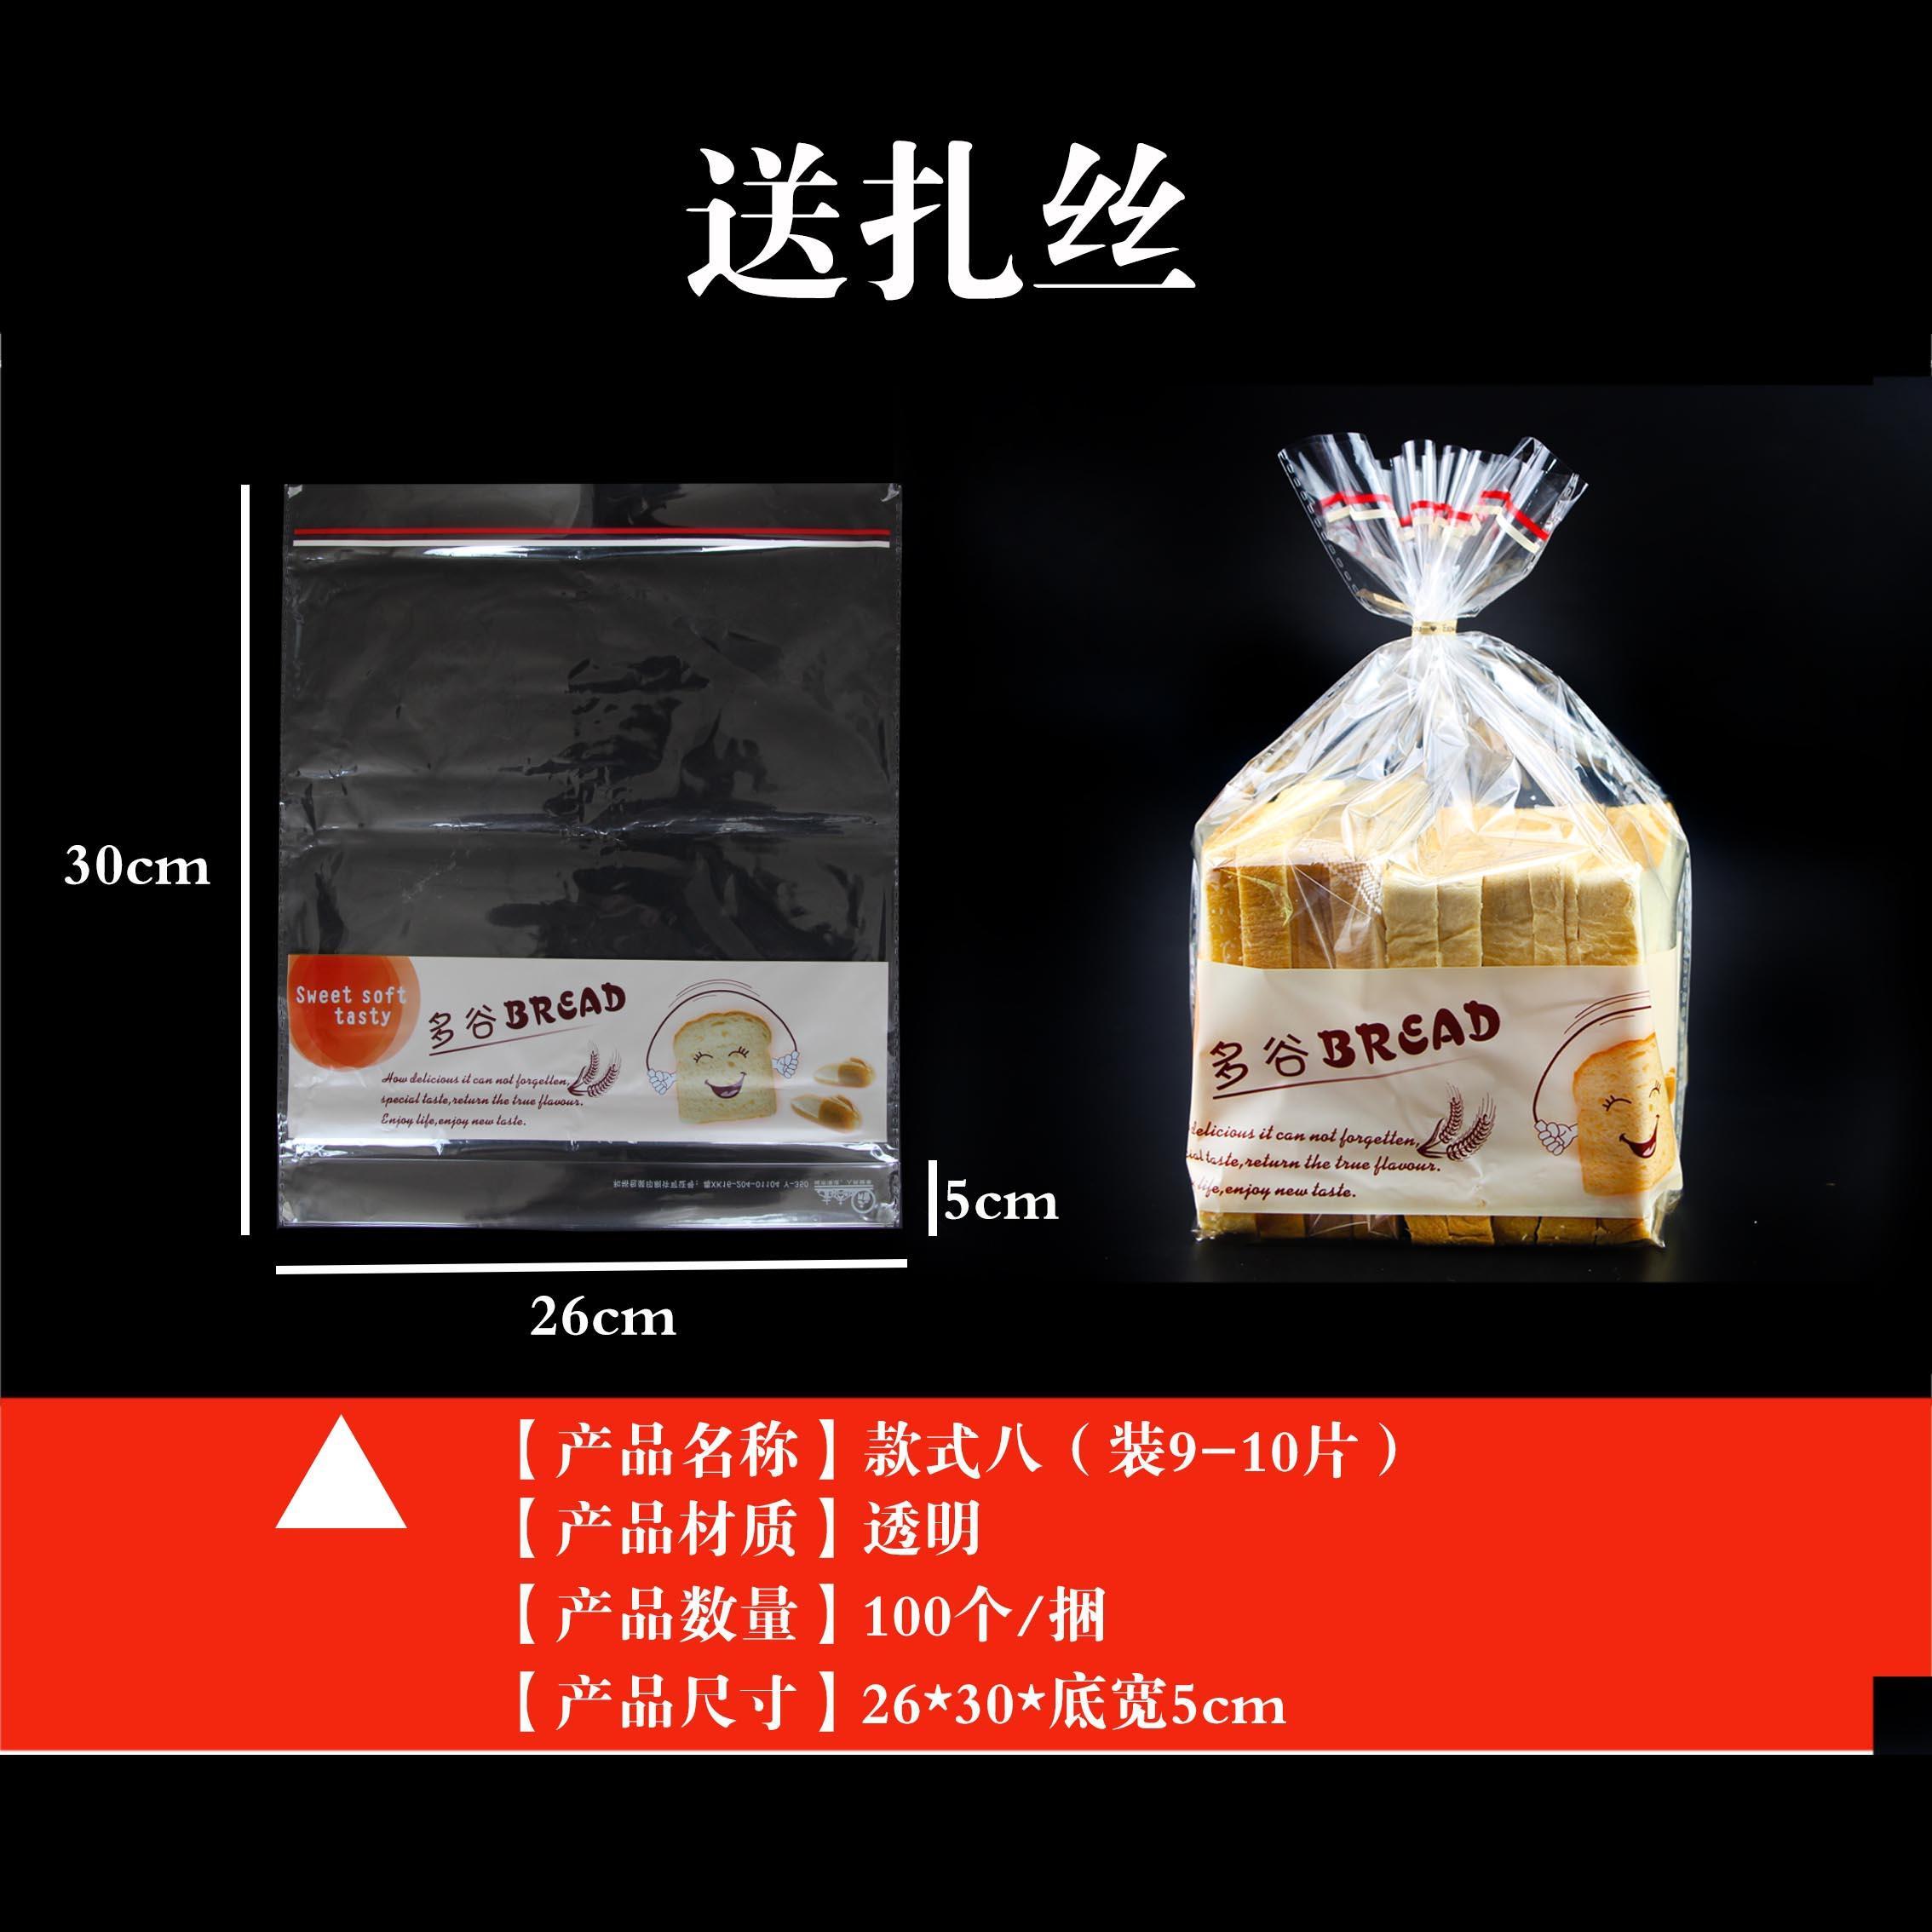 烘焙包装袋450克模具吐司袋透明磨砂方包袋吐司面包袋子100个包邮,可领取1元天猫优惠券